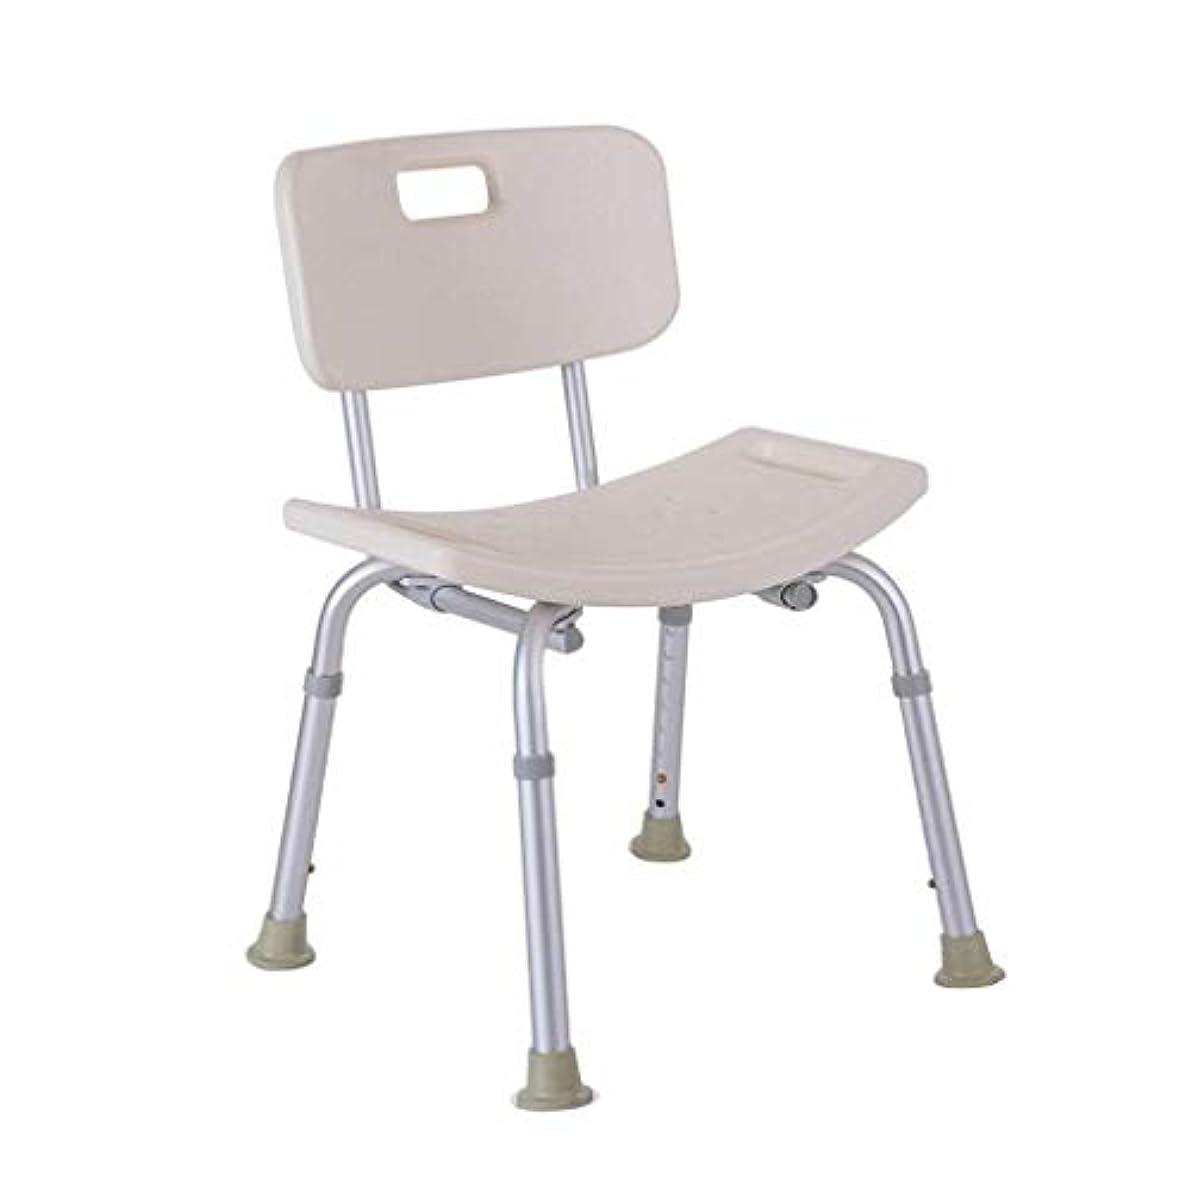 従順なクロニクル偽お風呂の椅子、背もたれ付き調節可能な高さ